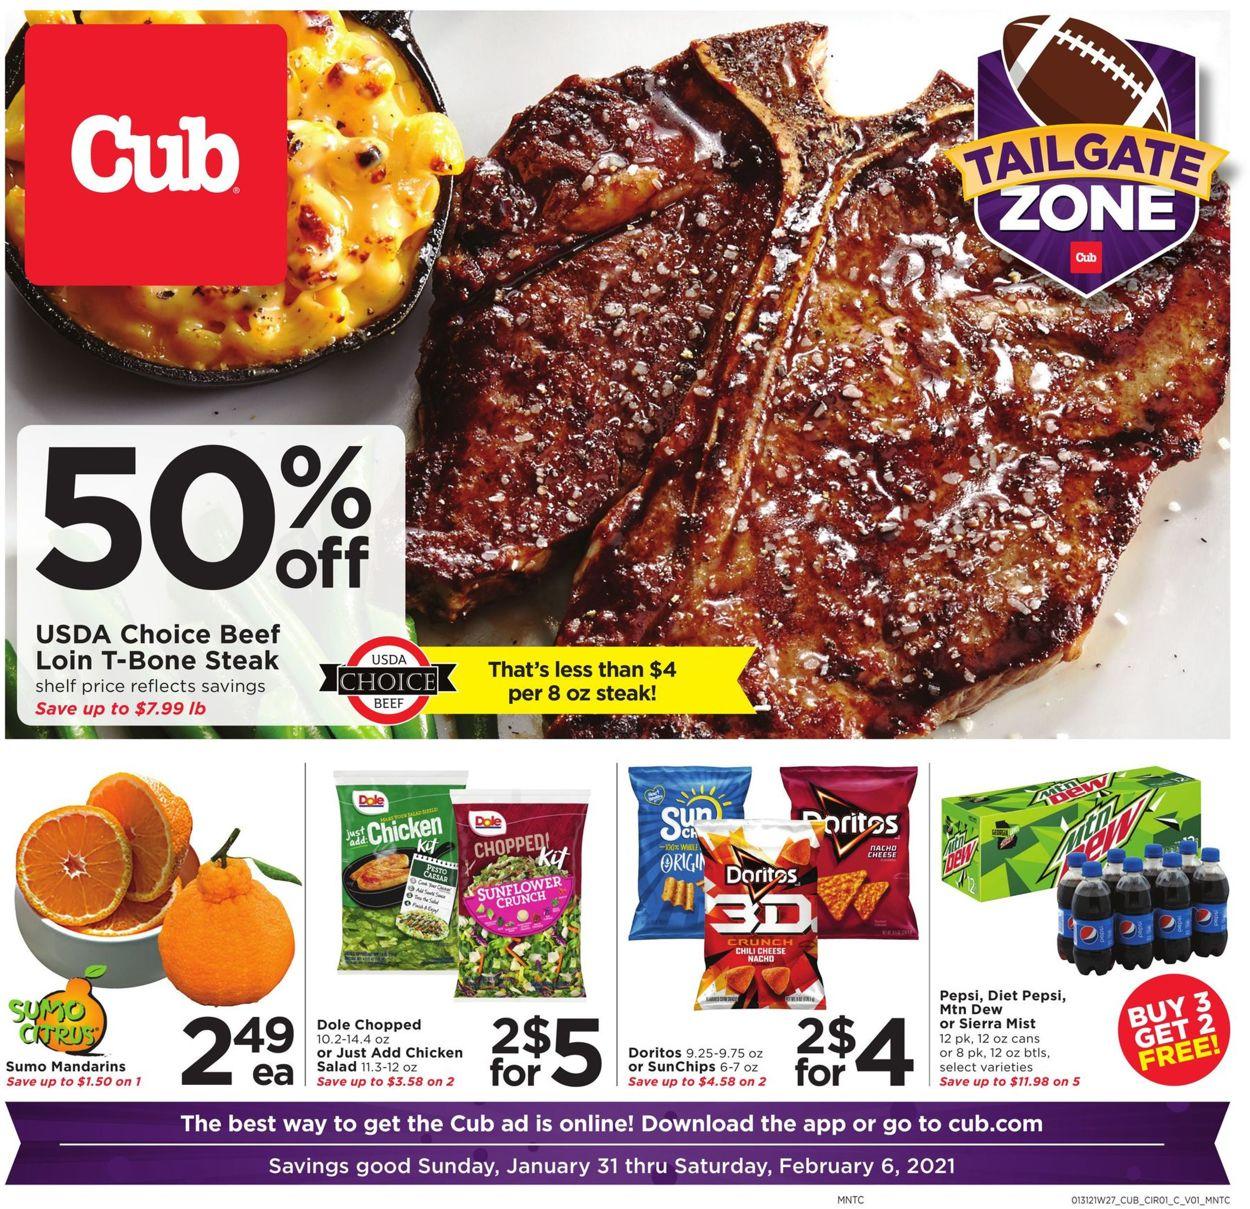 Cub Foods Weekly Ad Circular - valid 01/31-02/06/2021